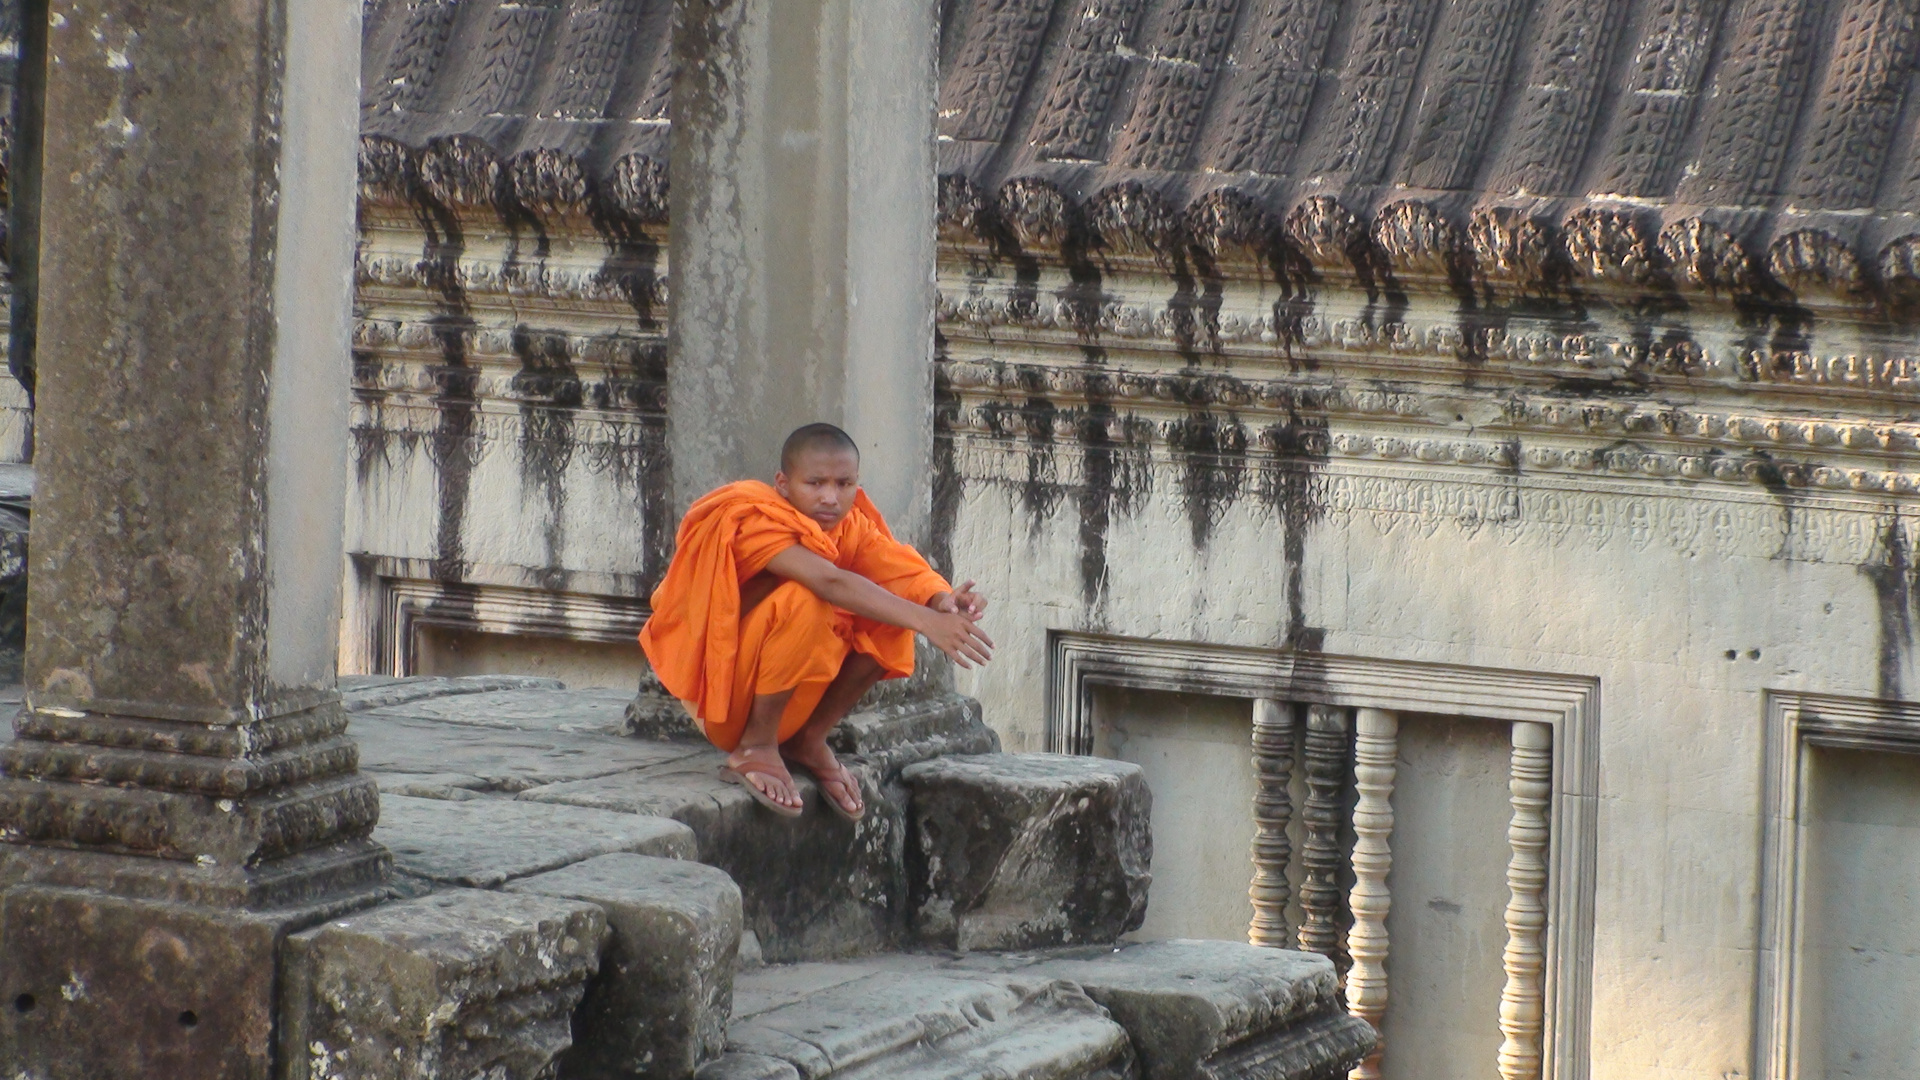 Buddhistischer Mönch in Angkor Wat, Cambodja